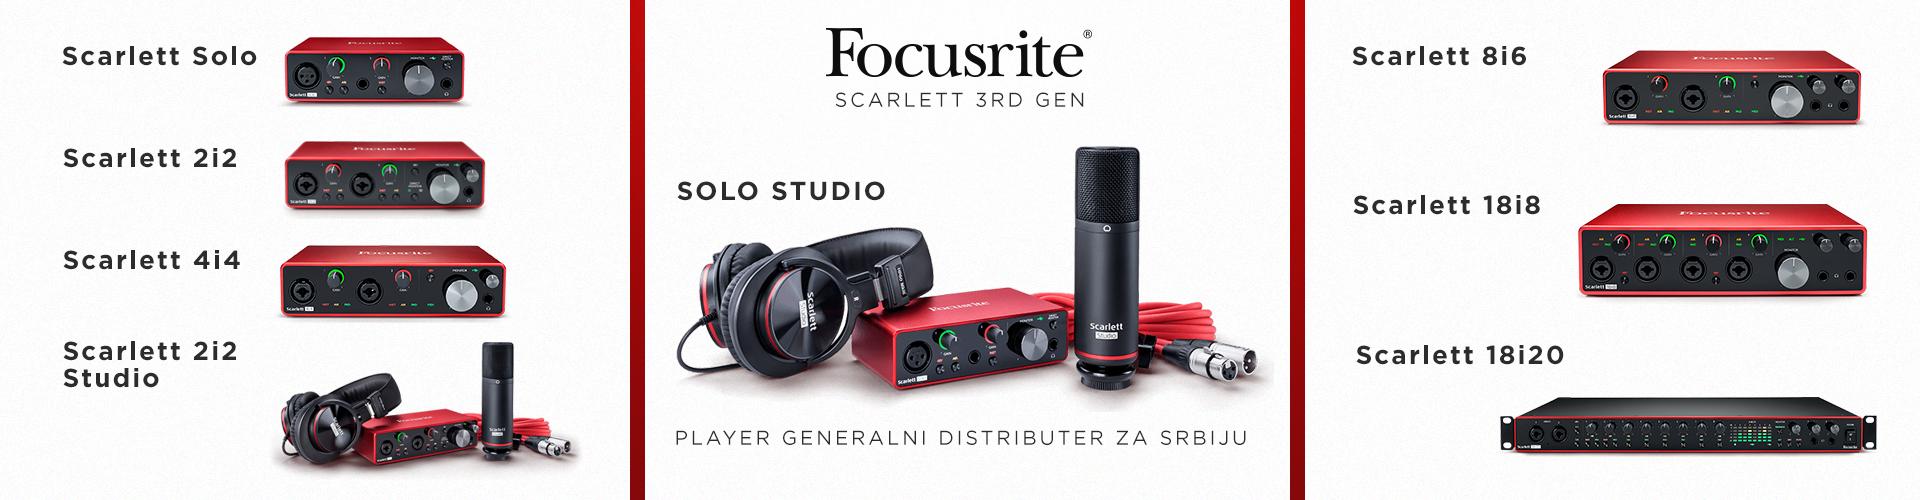 Focusrite 3rd Gen